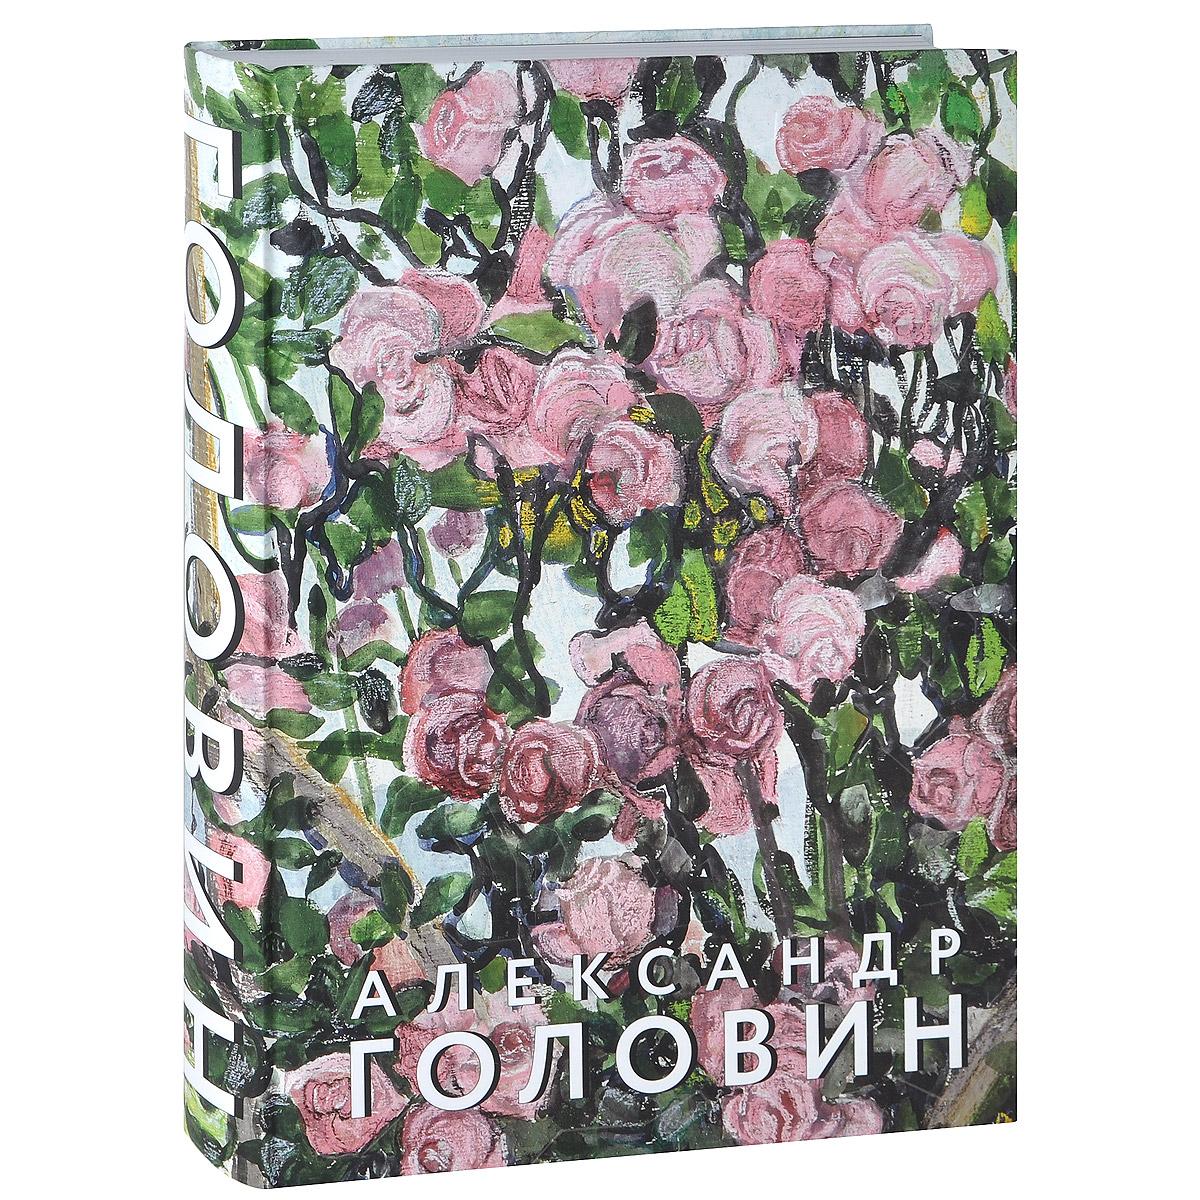 Александр Головин. К 150-летию со дня рождения